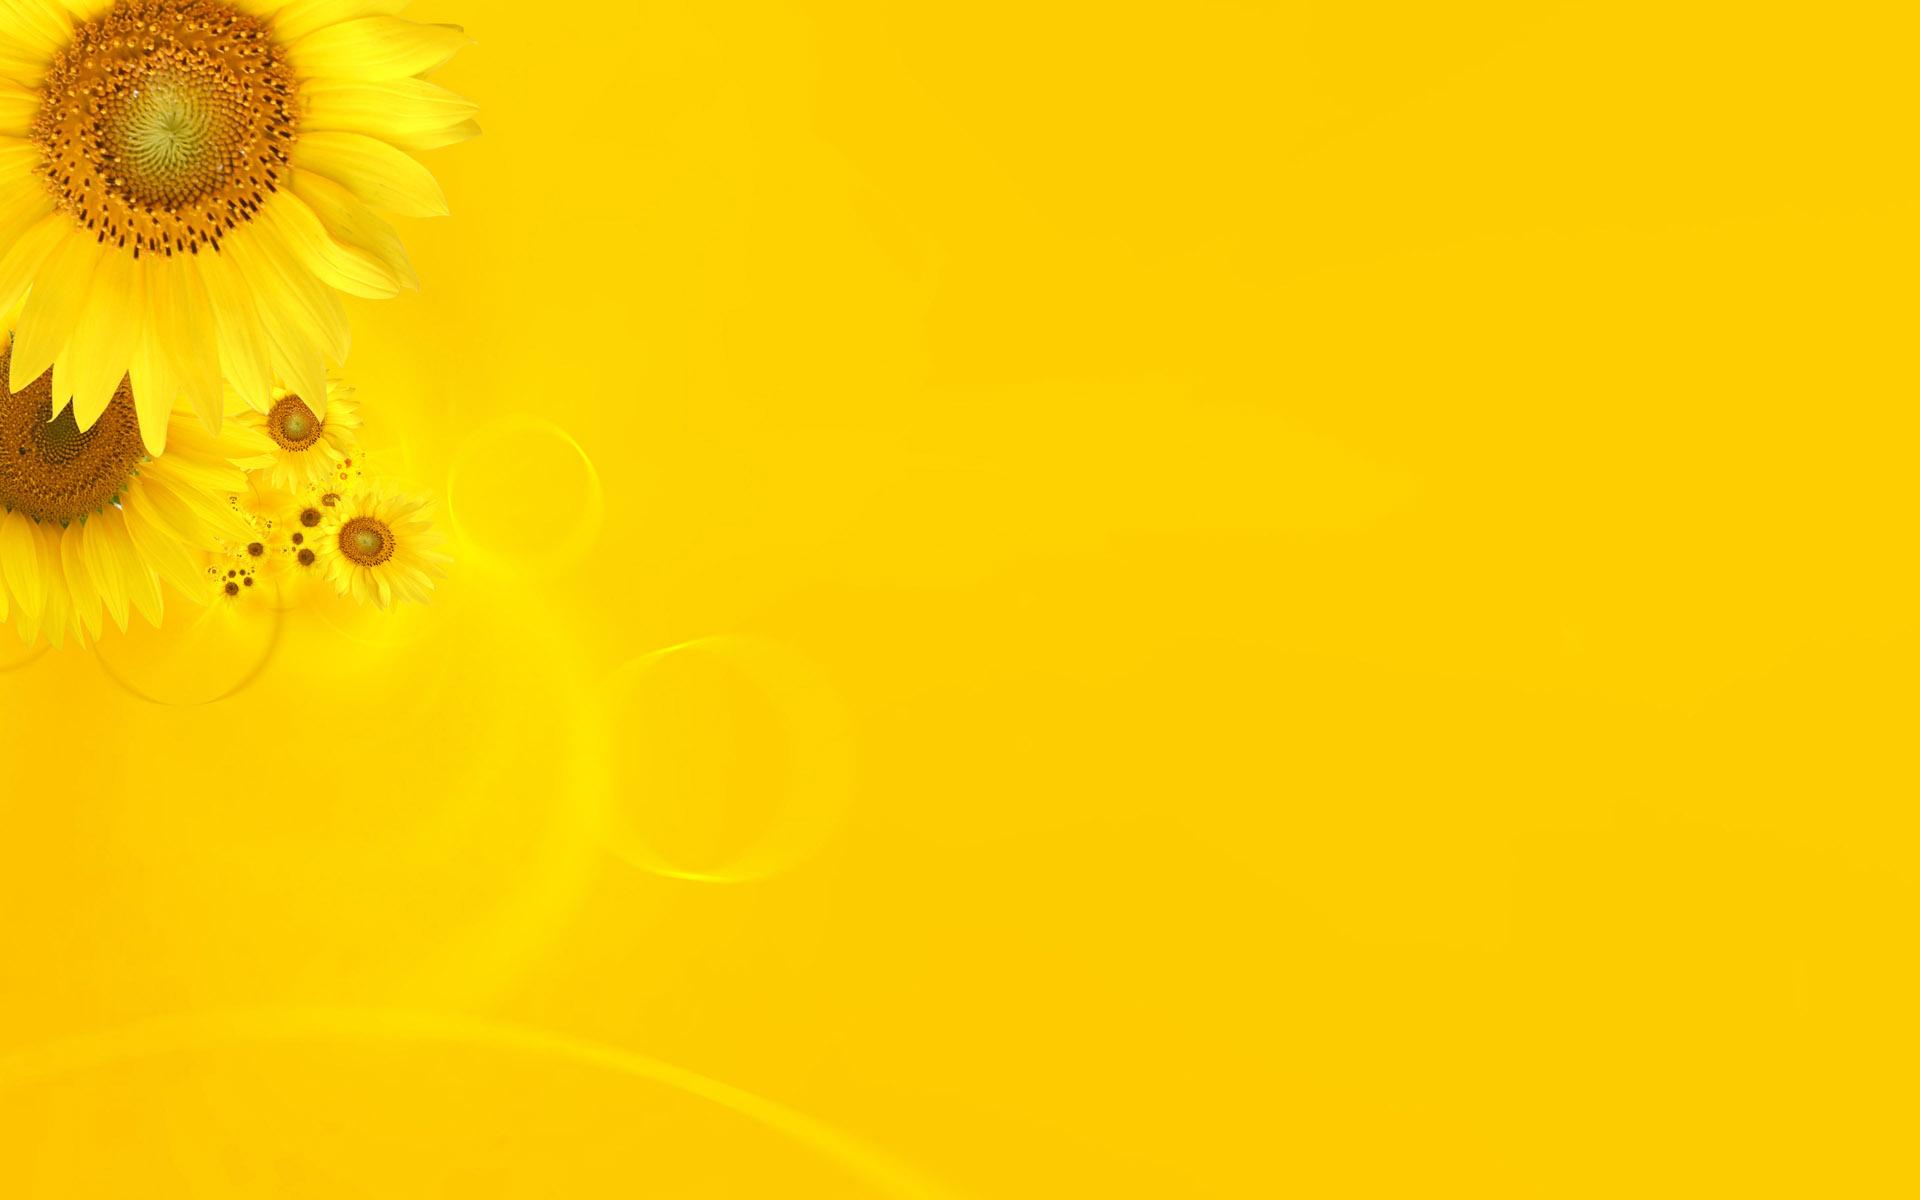 بالصور خلفية صفراء , اجمل الصور و الخلفيات باللون الاصفر 3454 7